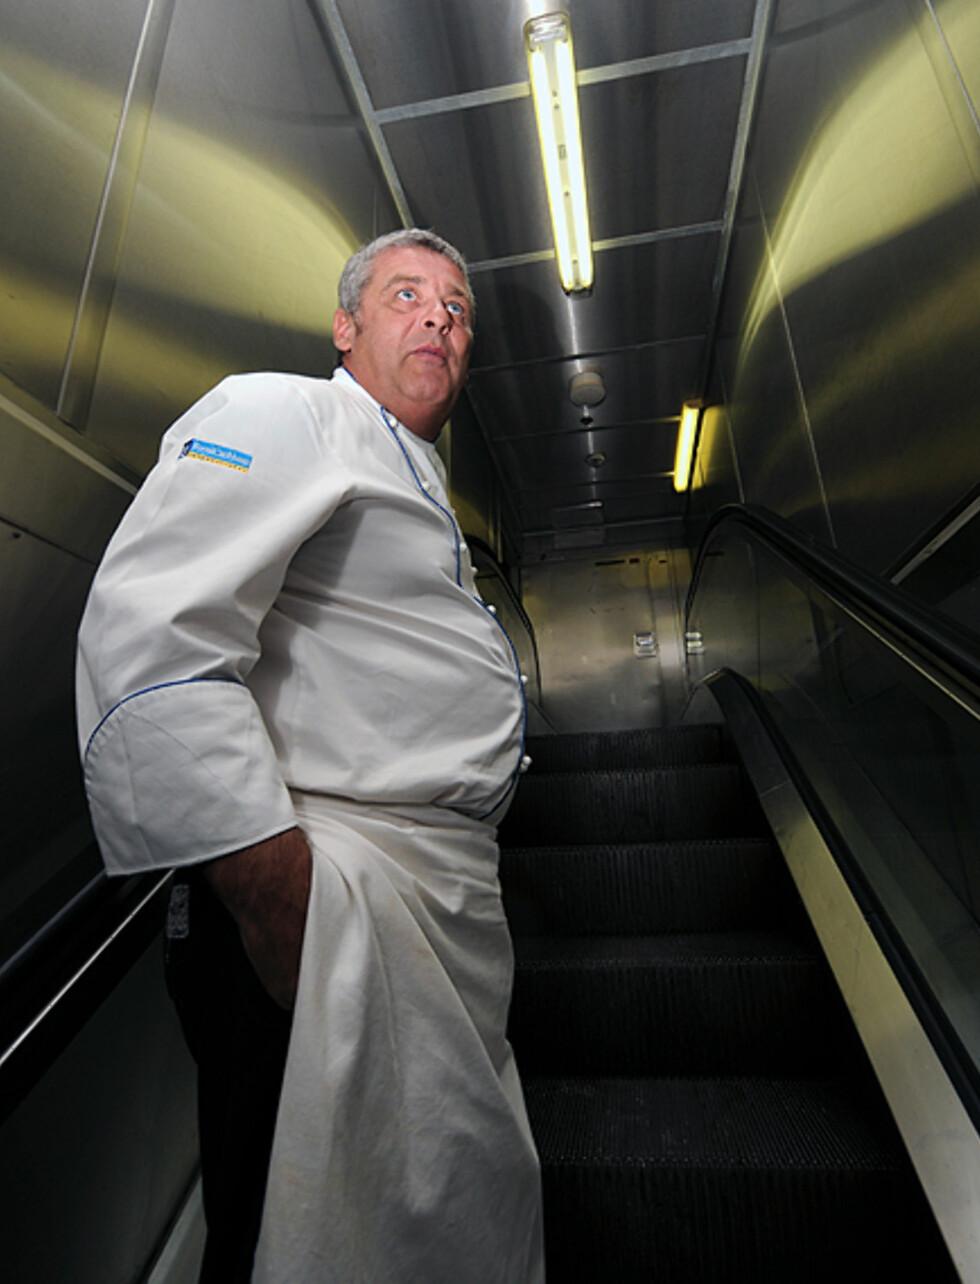 Sjefskokk Andrew Cartwright har et stort ansvar, men han tar livet med ro, og lar seg ikke stresse av den grunn. Foto: Hans Kristian Krogh-Hanssen